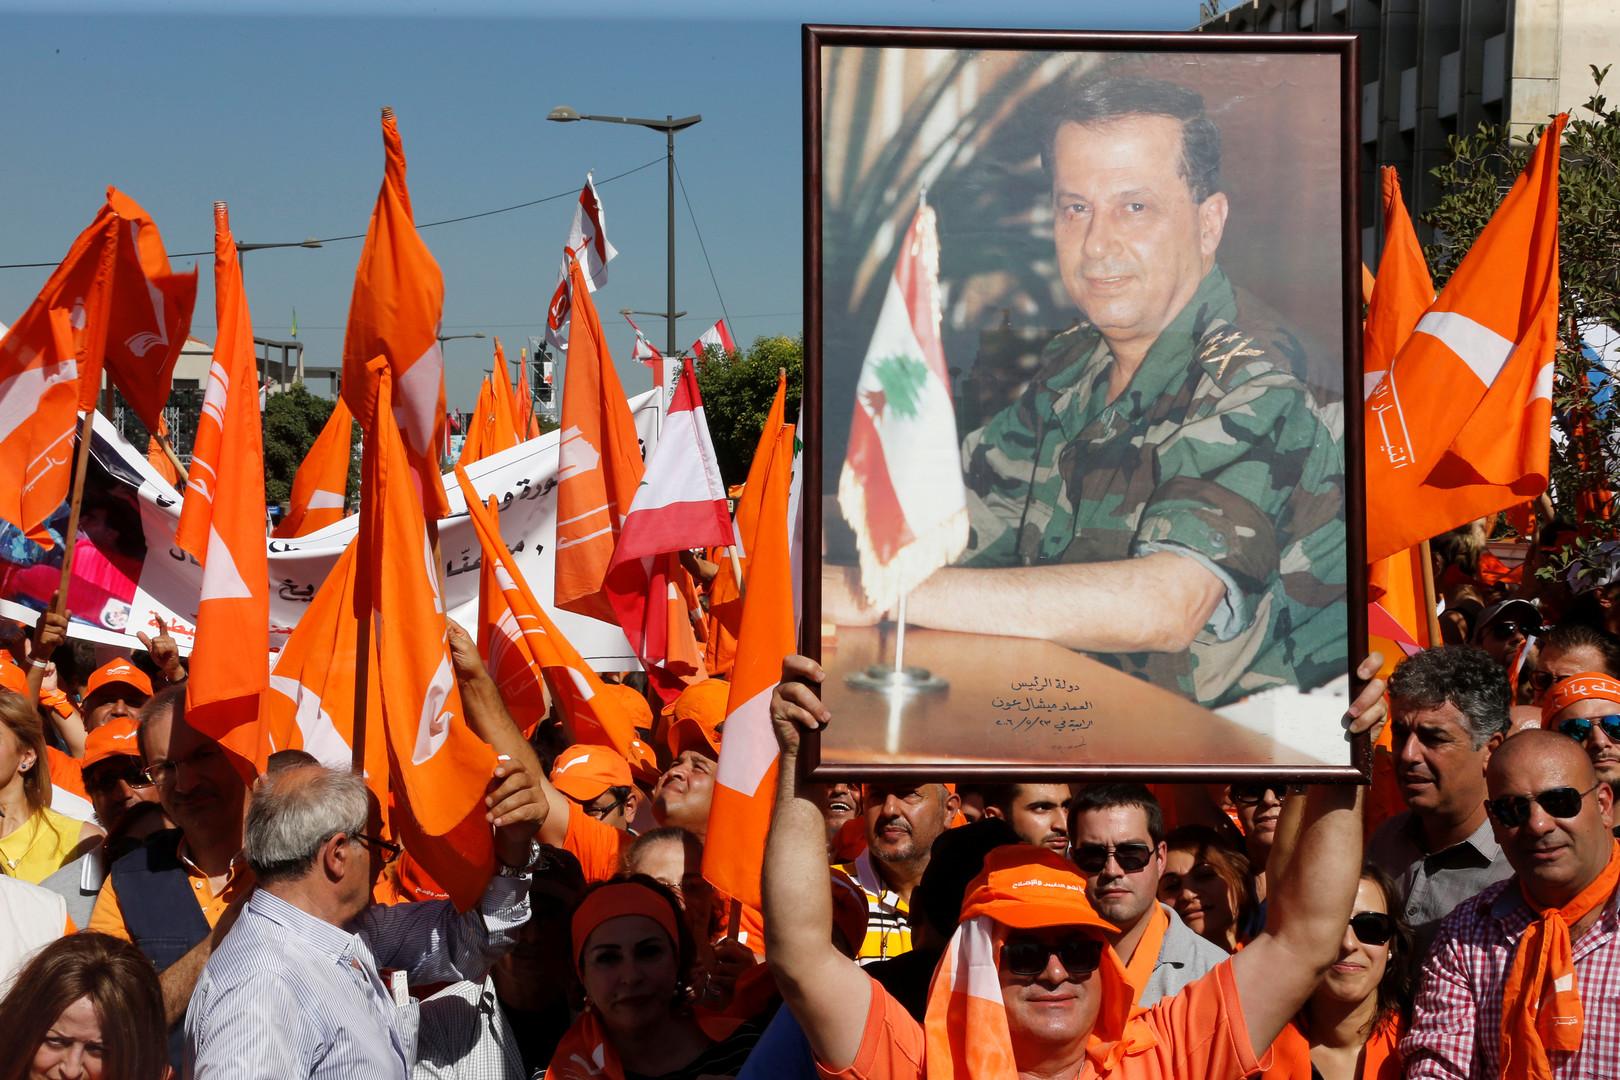 وفاة ناشط سياسي لبناني بتسمم غذائي -